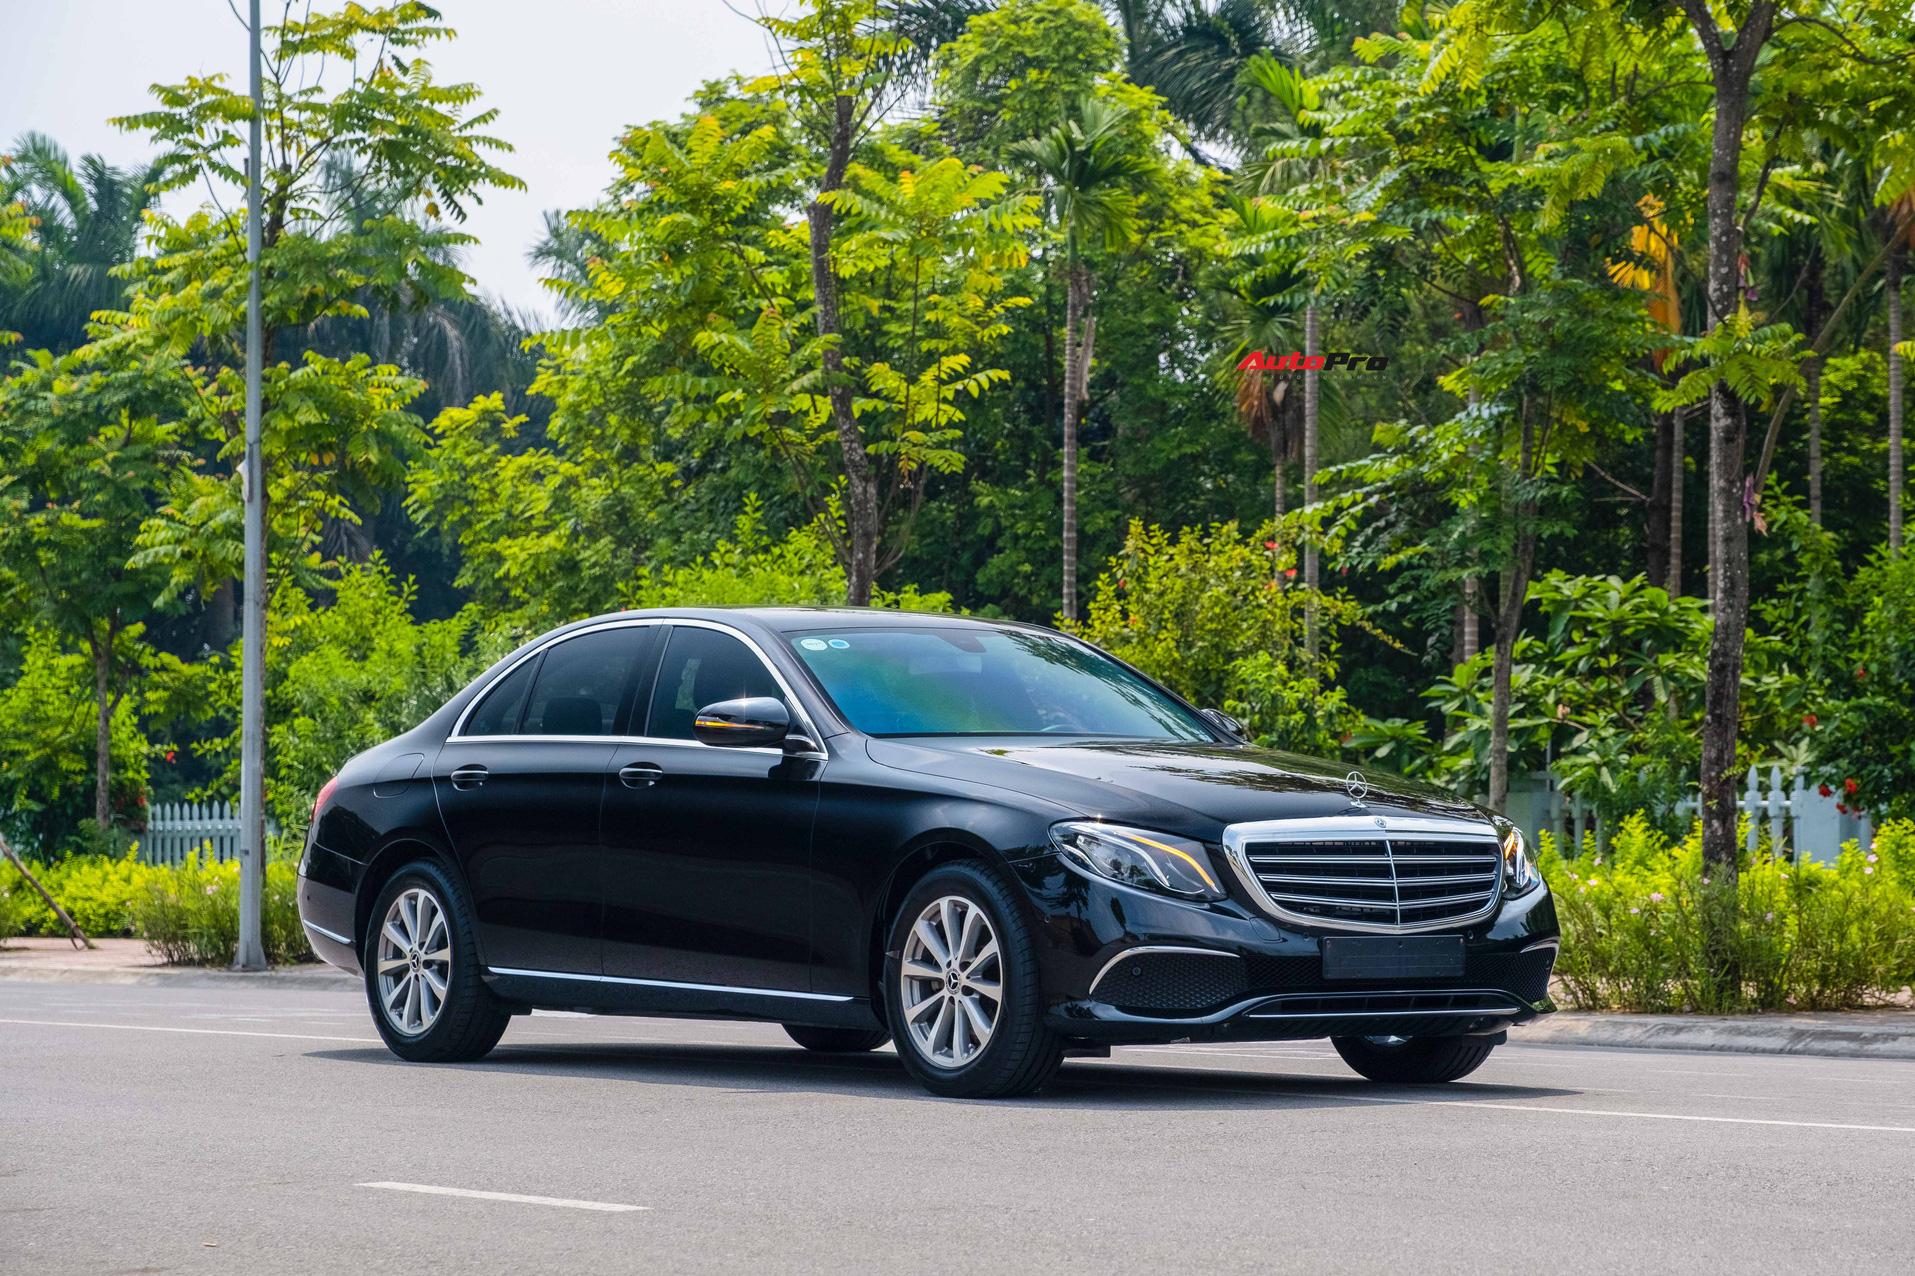 Chạy lướt 20.000km, Mercedes-Benz E-Class hạ giá chỉ đắt hơn Honda Accord 'lăn bánh' khoảng 300 triệu đồng